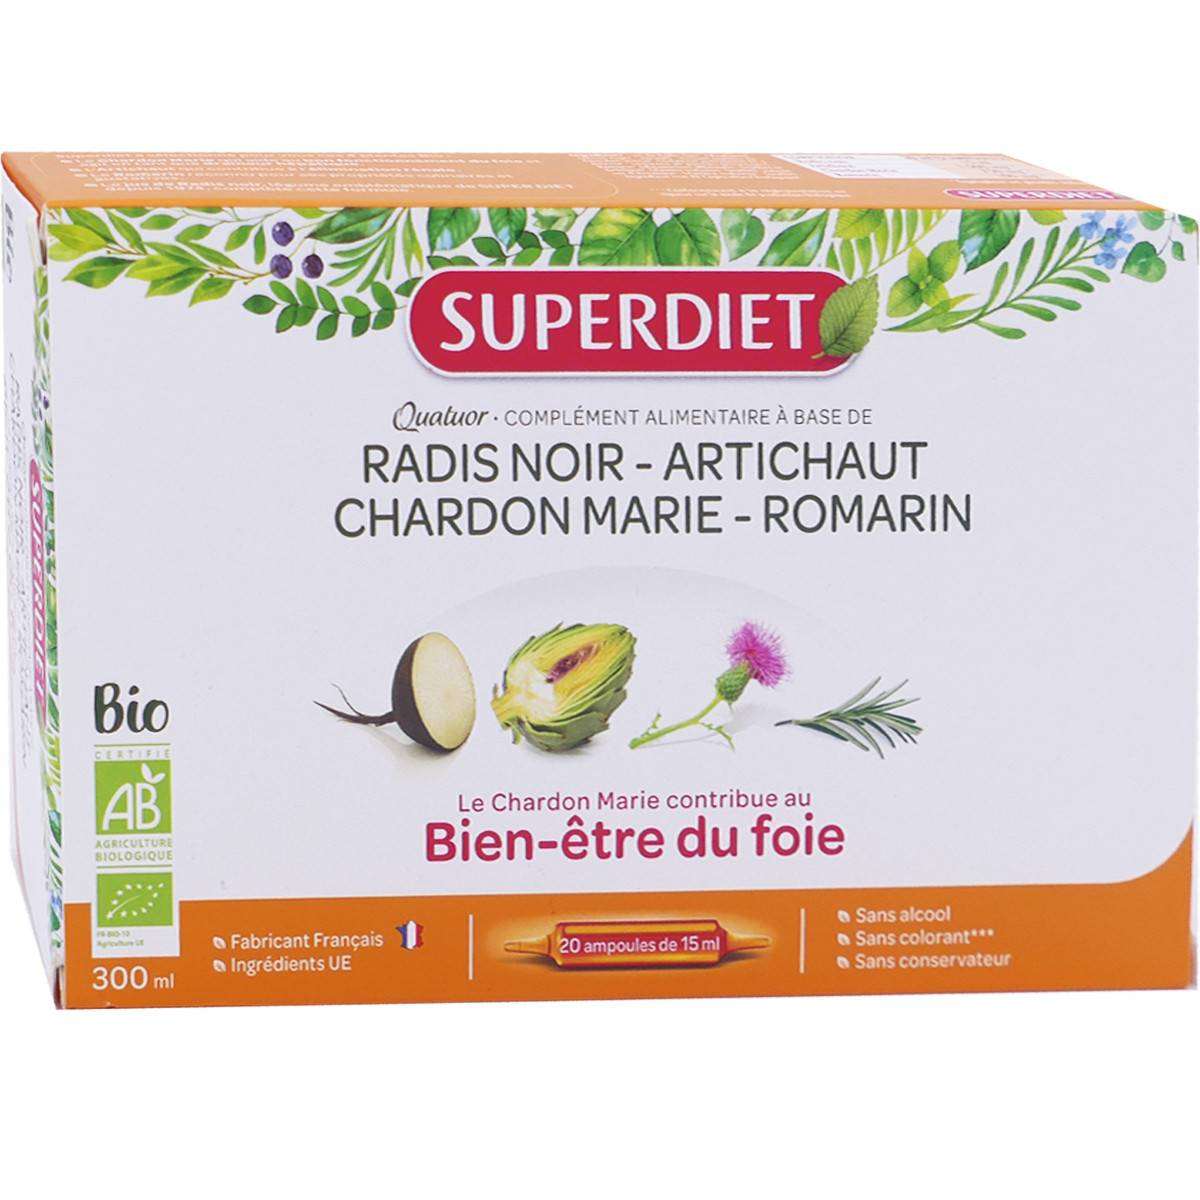 Super diet quatuor bio digestion 20 ampoules